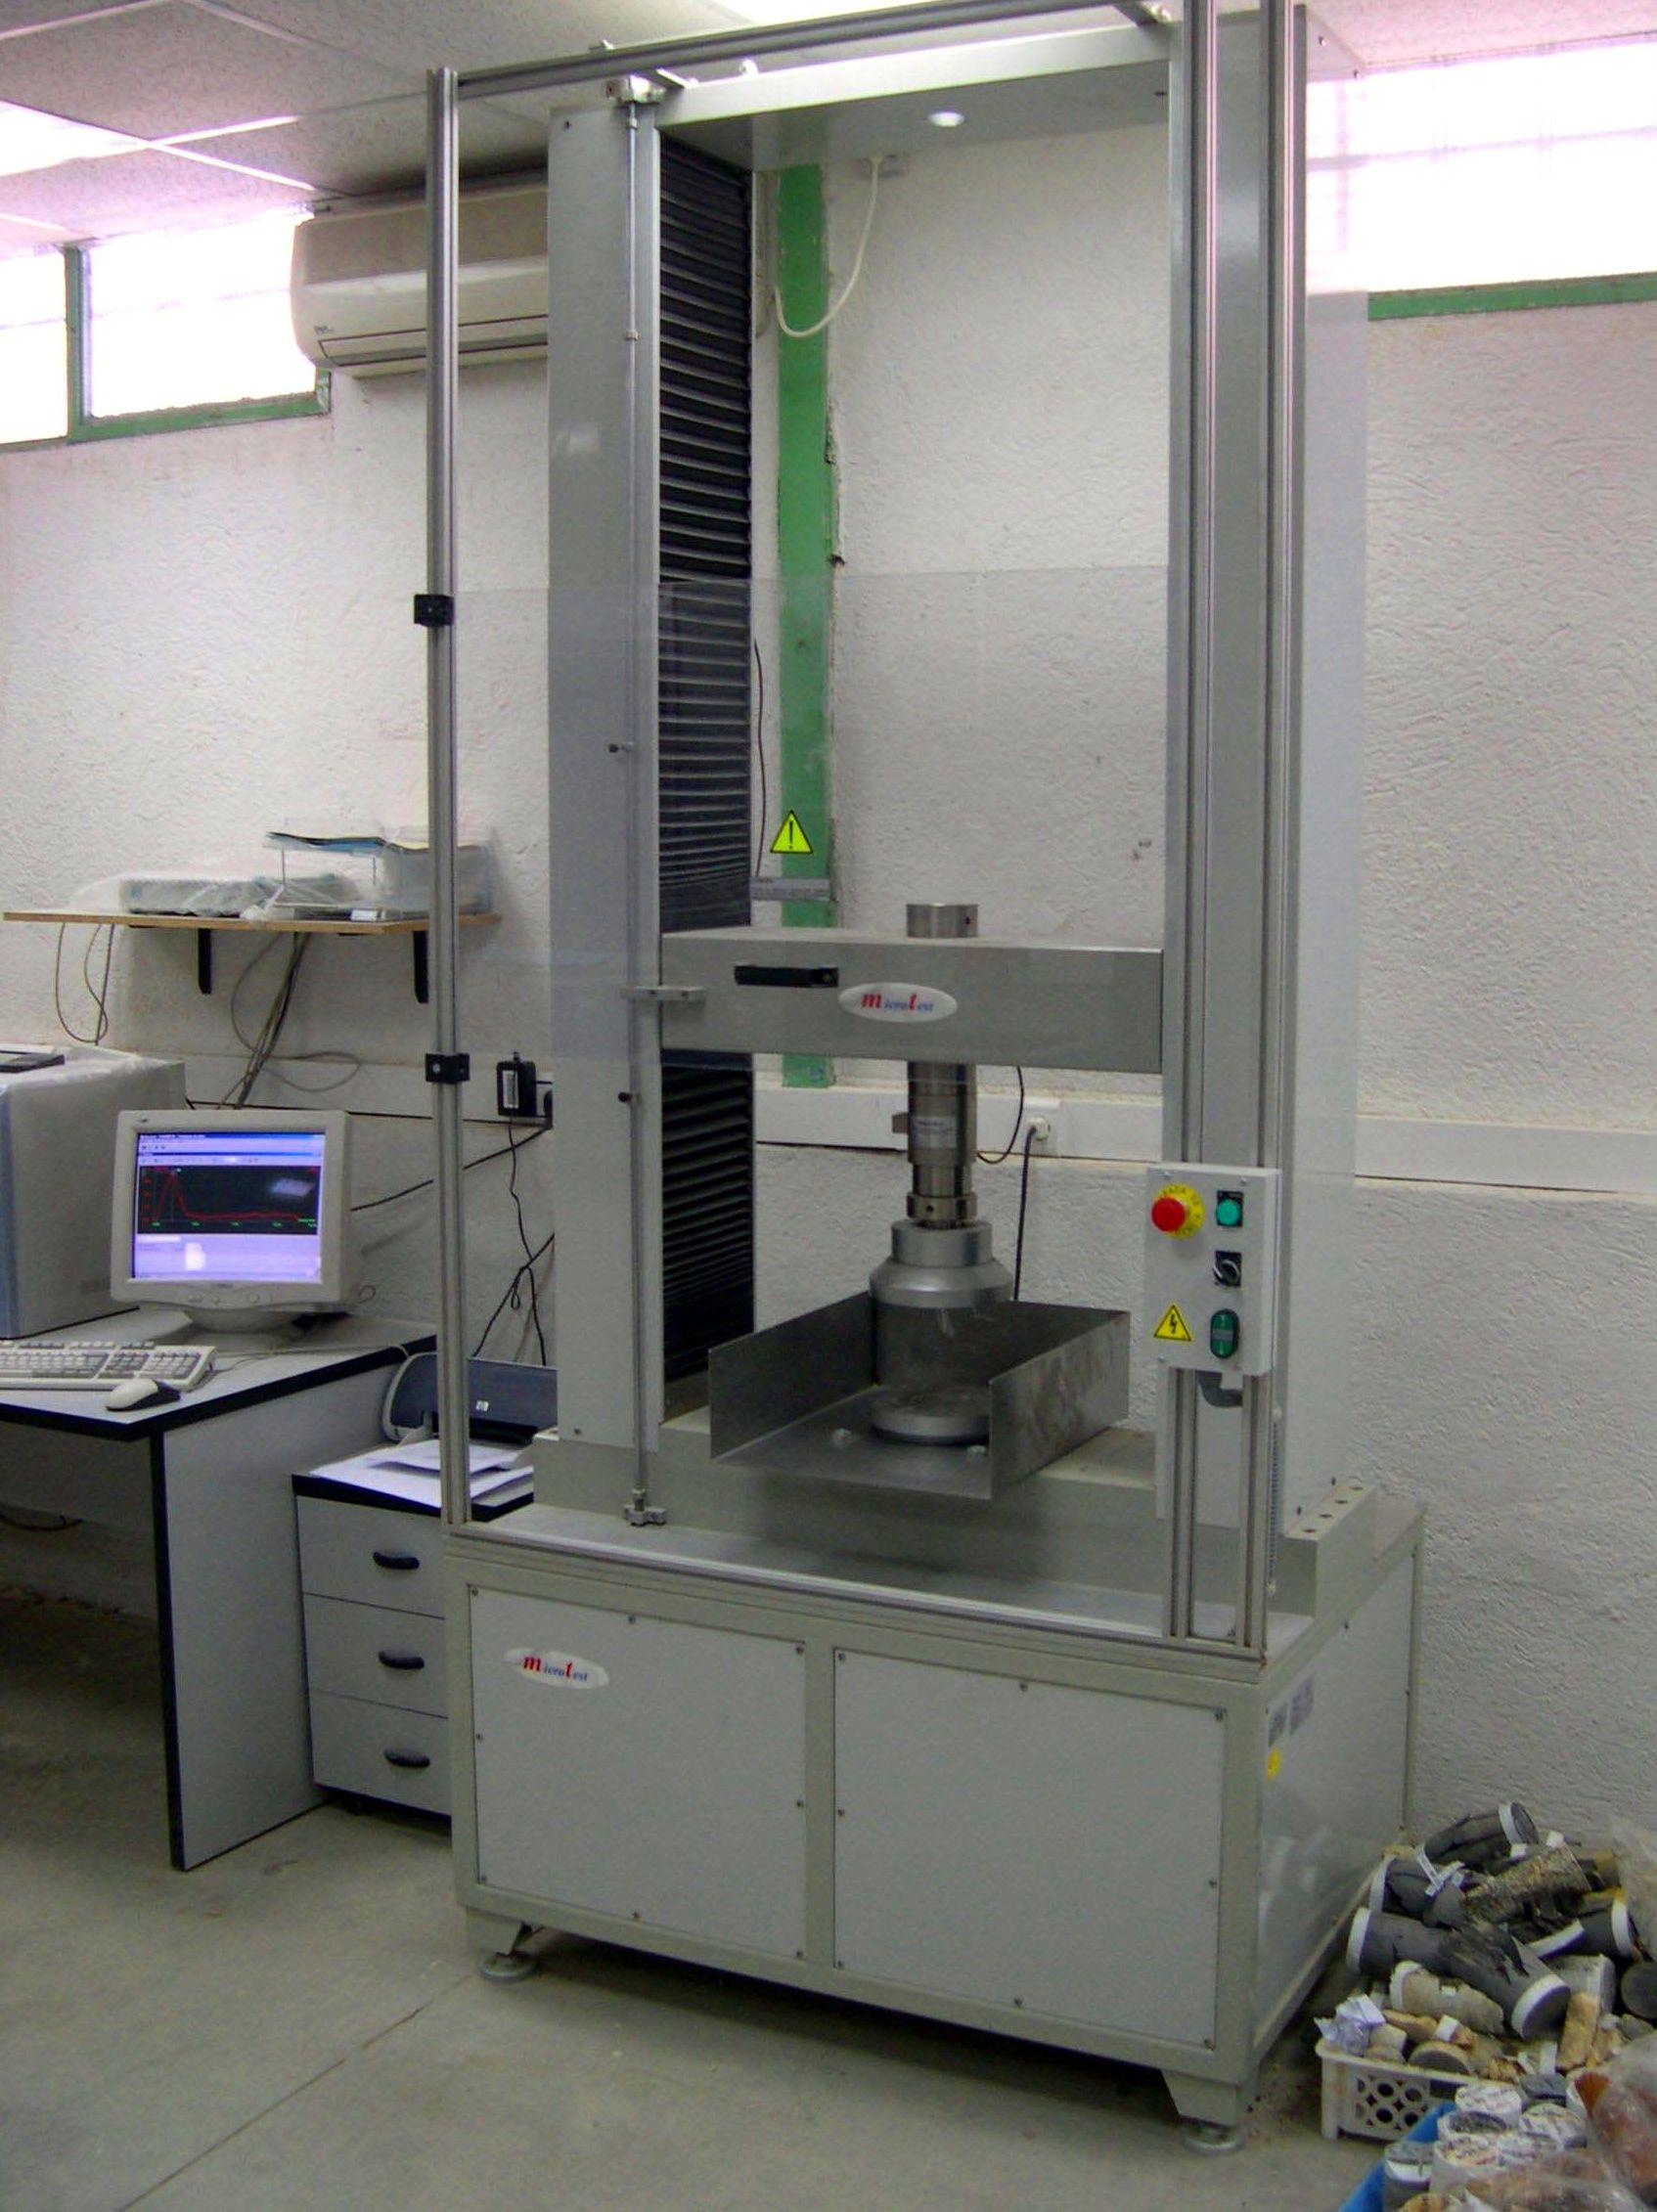 Foto 23 de Laboratorio especializado en ensayos geotécnicos en Fuenlabrada | Cepasa Ensayos Geotécnicos